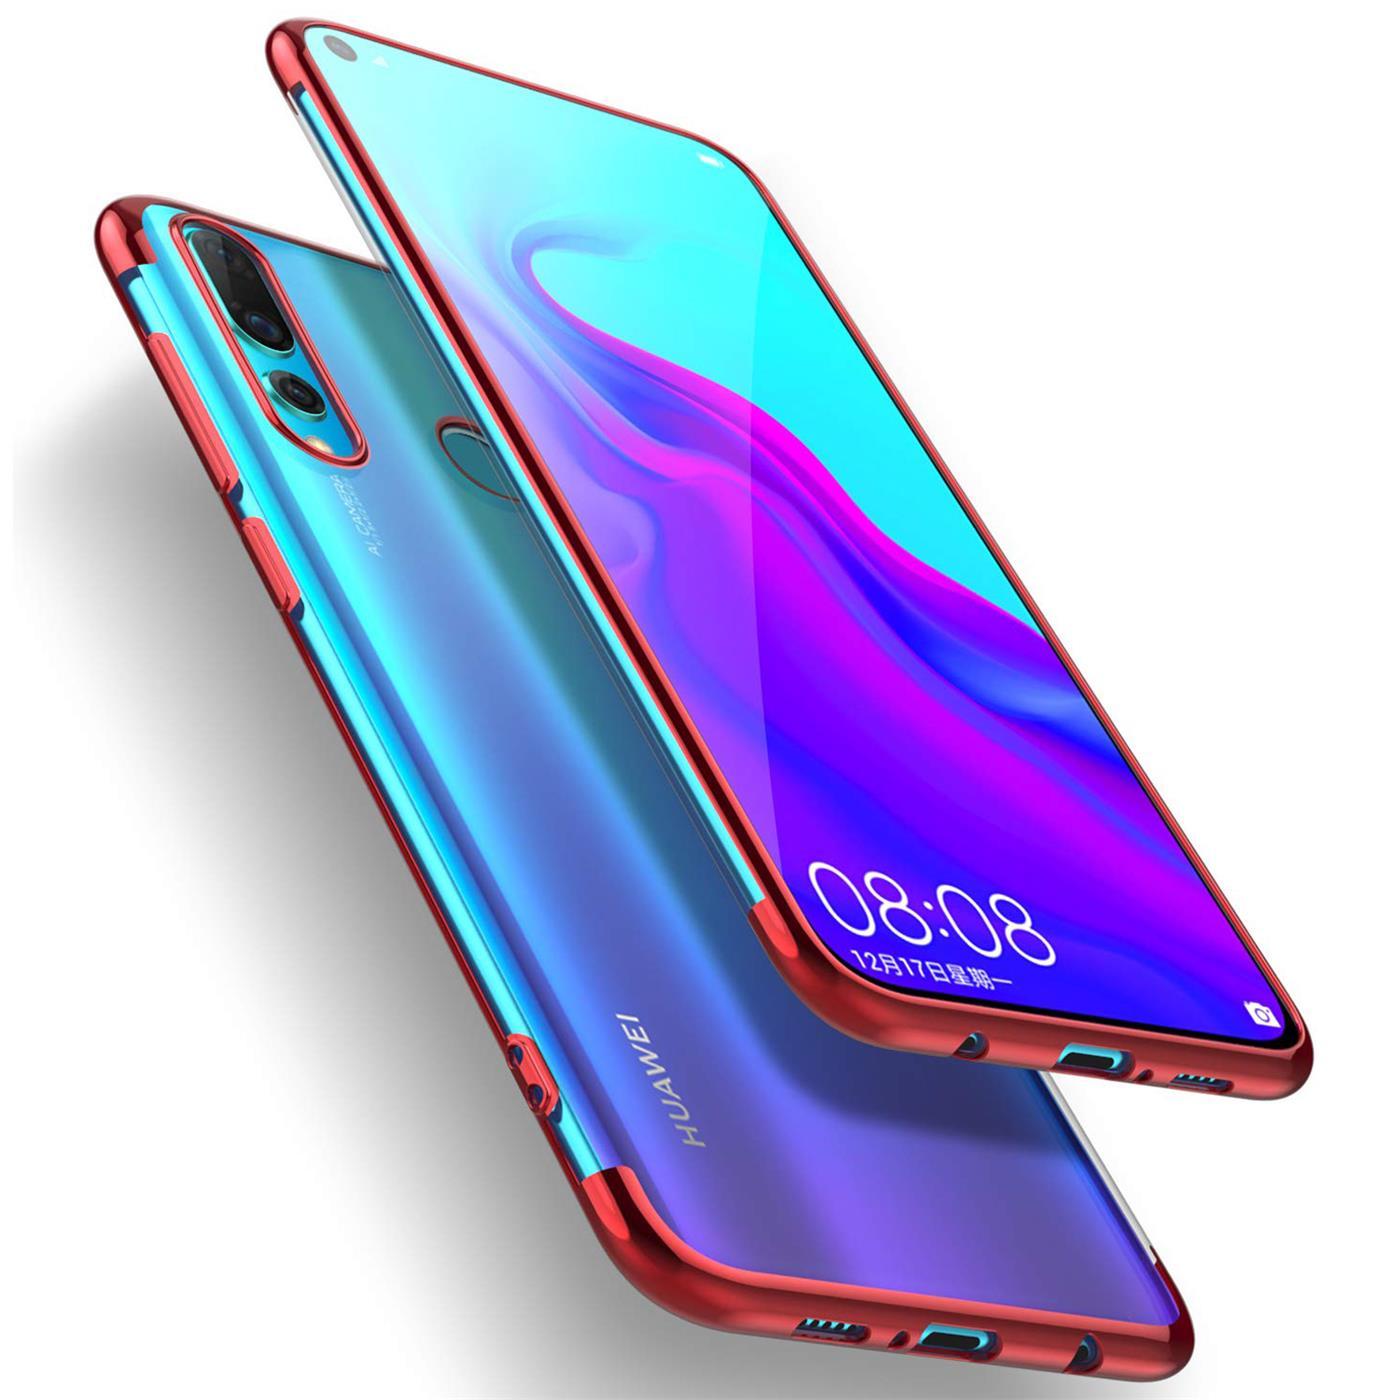 Schutzhuelle-Huawei-P30-P30-Lite-P30-Pro-Handy-Tasche-Slim-Cover-Case-Transparent Indexbild 33